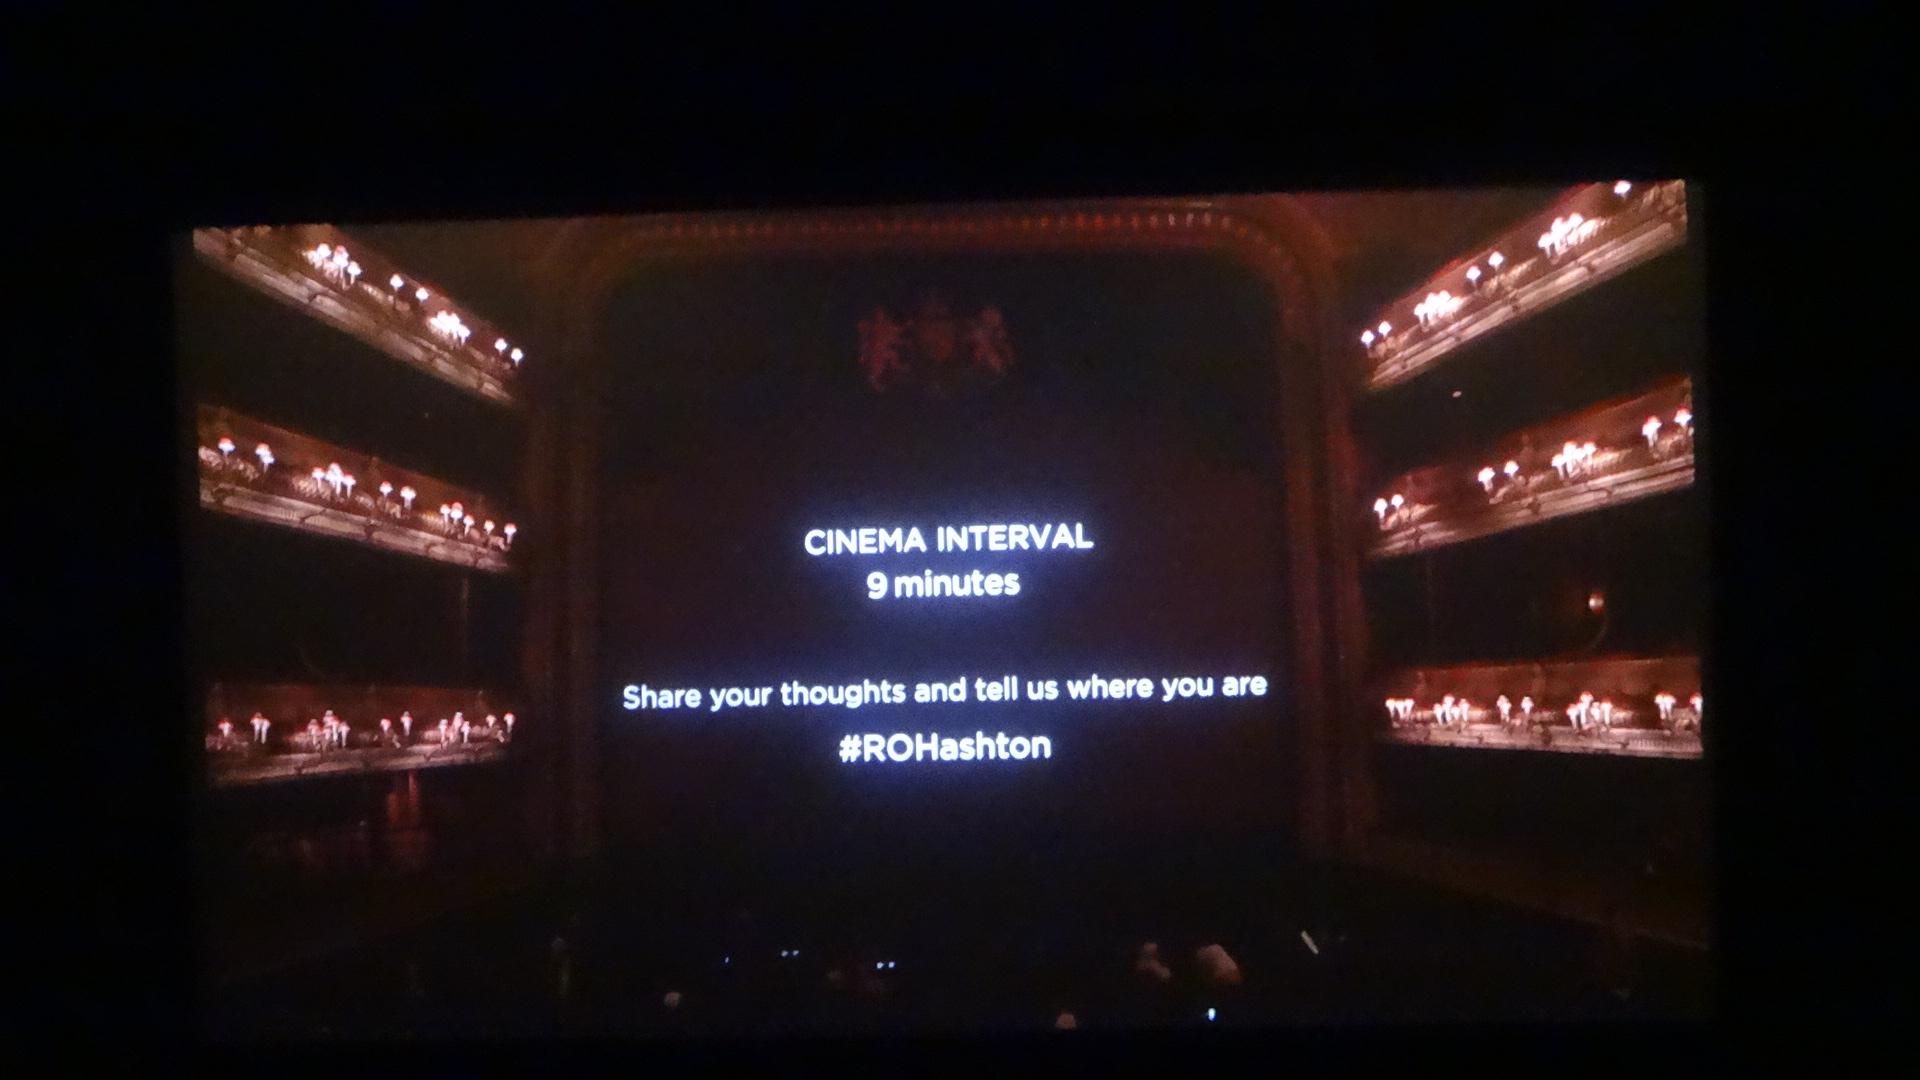 映画の画面で見るロンドン コベントガーデンにあるロイヤルオペラハウスの様子